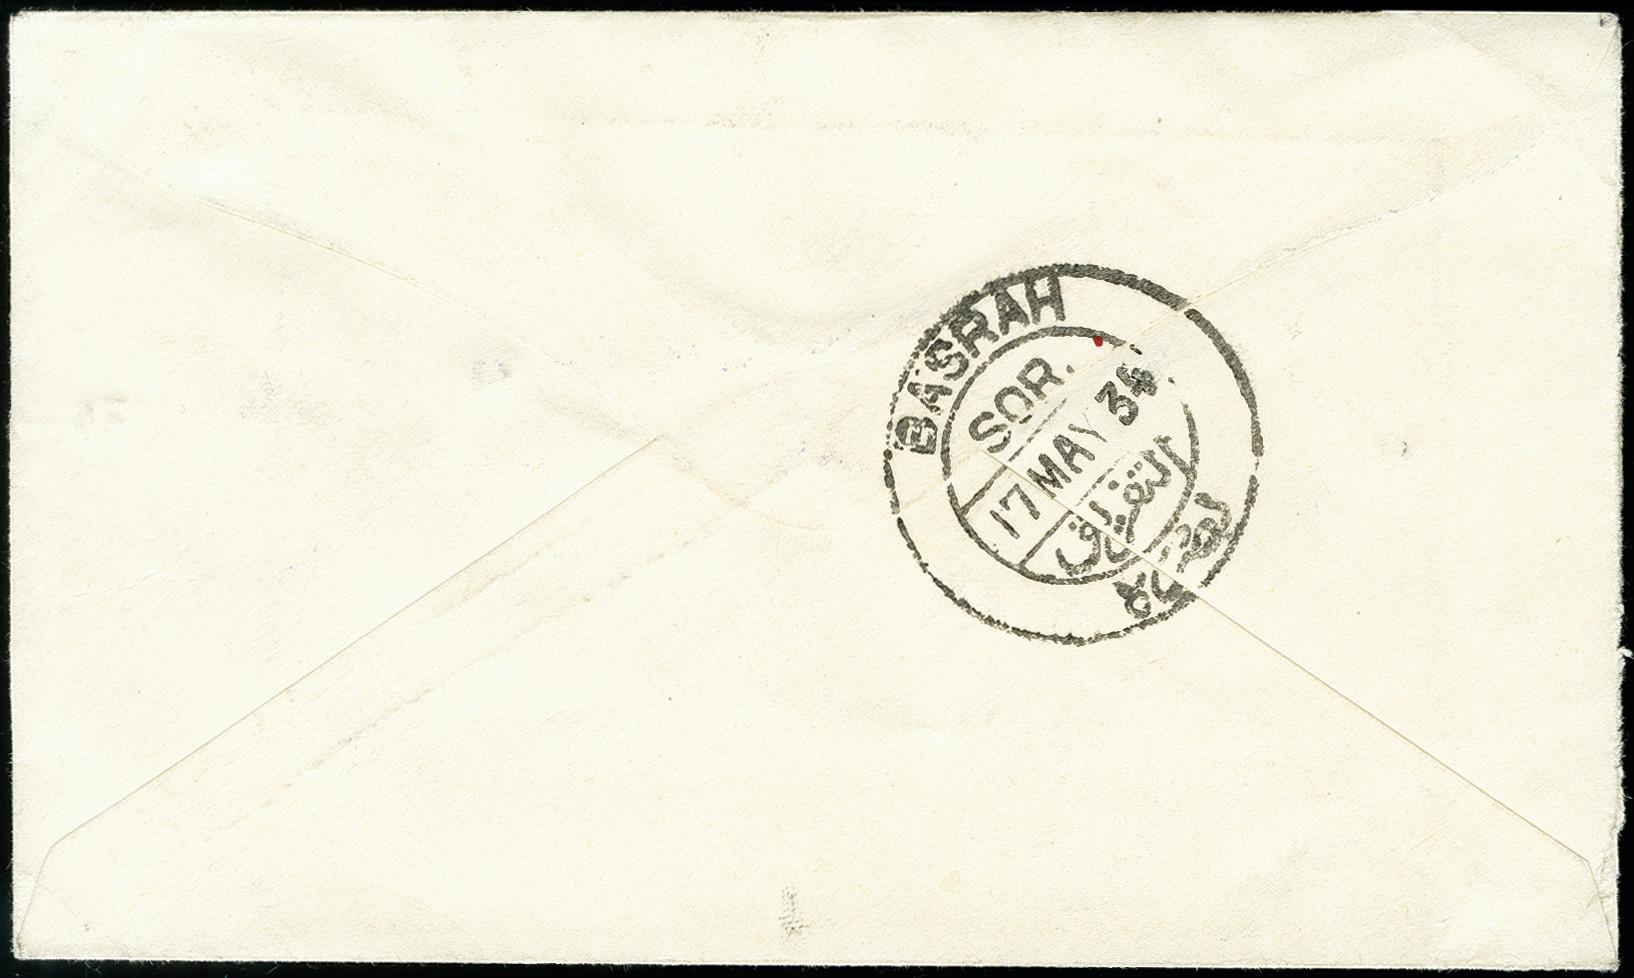 Lot 1038 - British Commonwealth bahrain -  Heinrich Koehler Auktionen 373rd Heinrich Köhler auction - Day 2